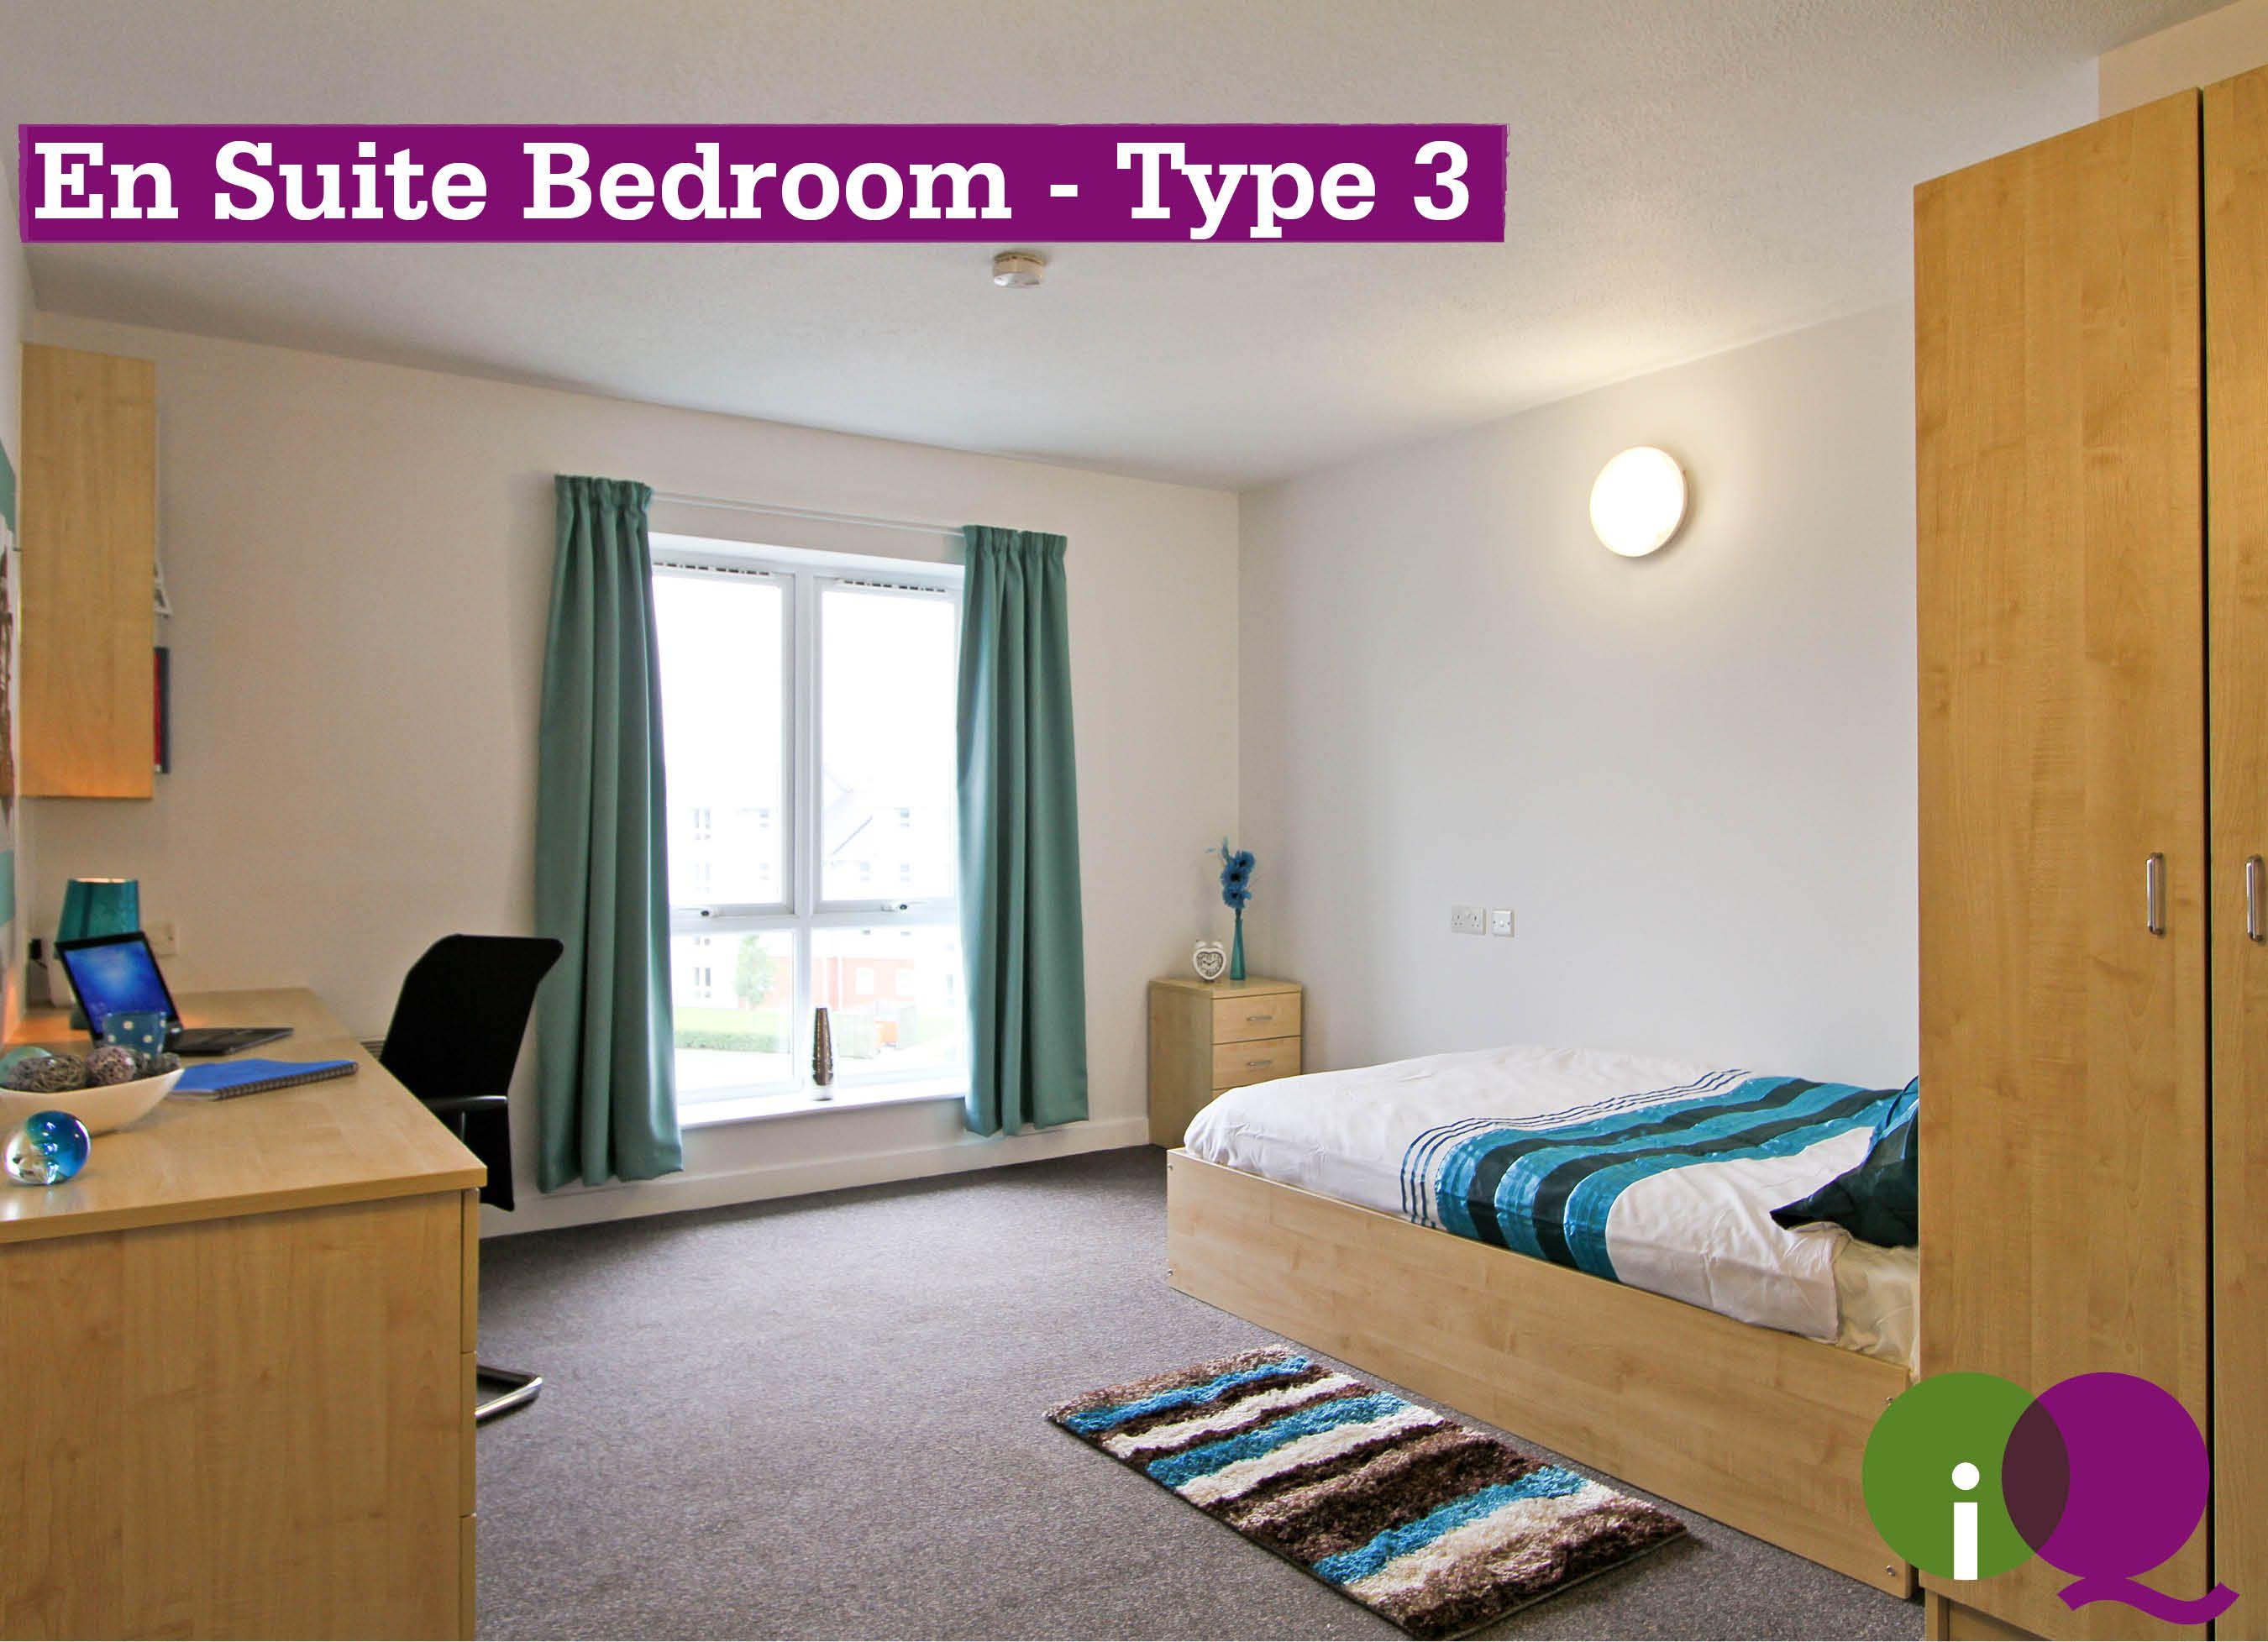 En Suite Bedroom Type 3 Salford Manchester iQSalford – Bedroom En Suite